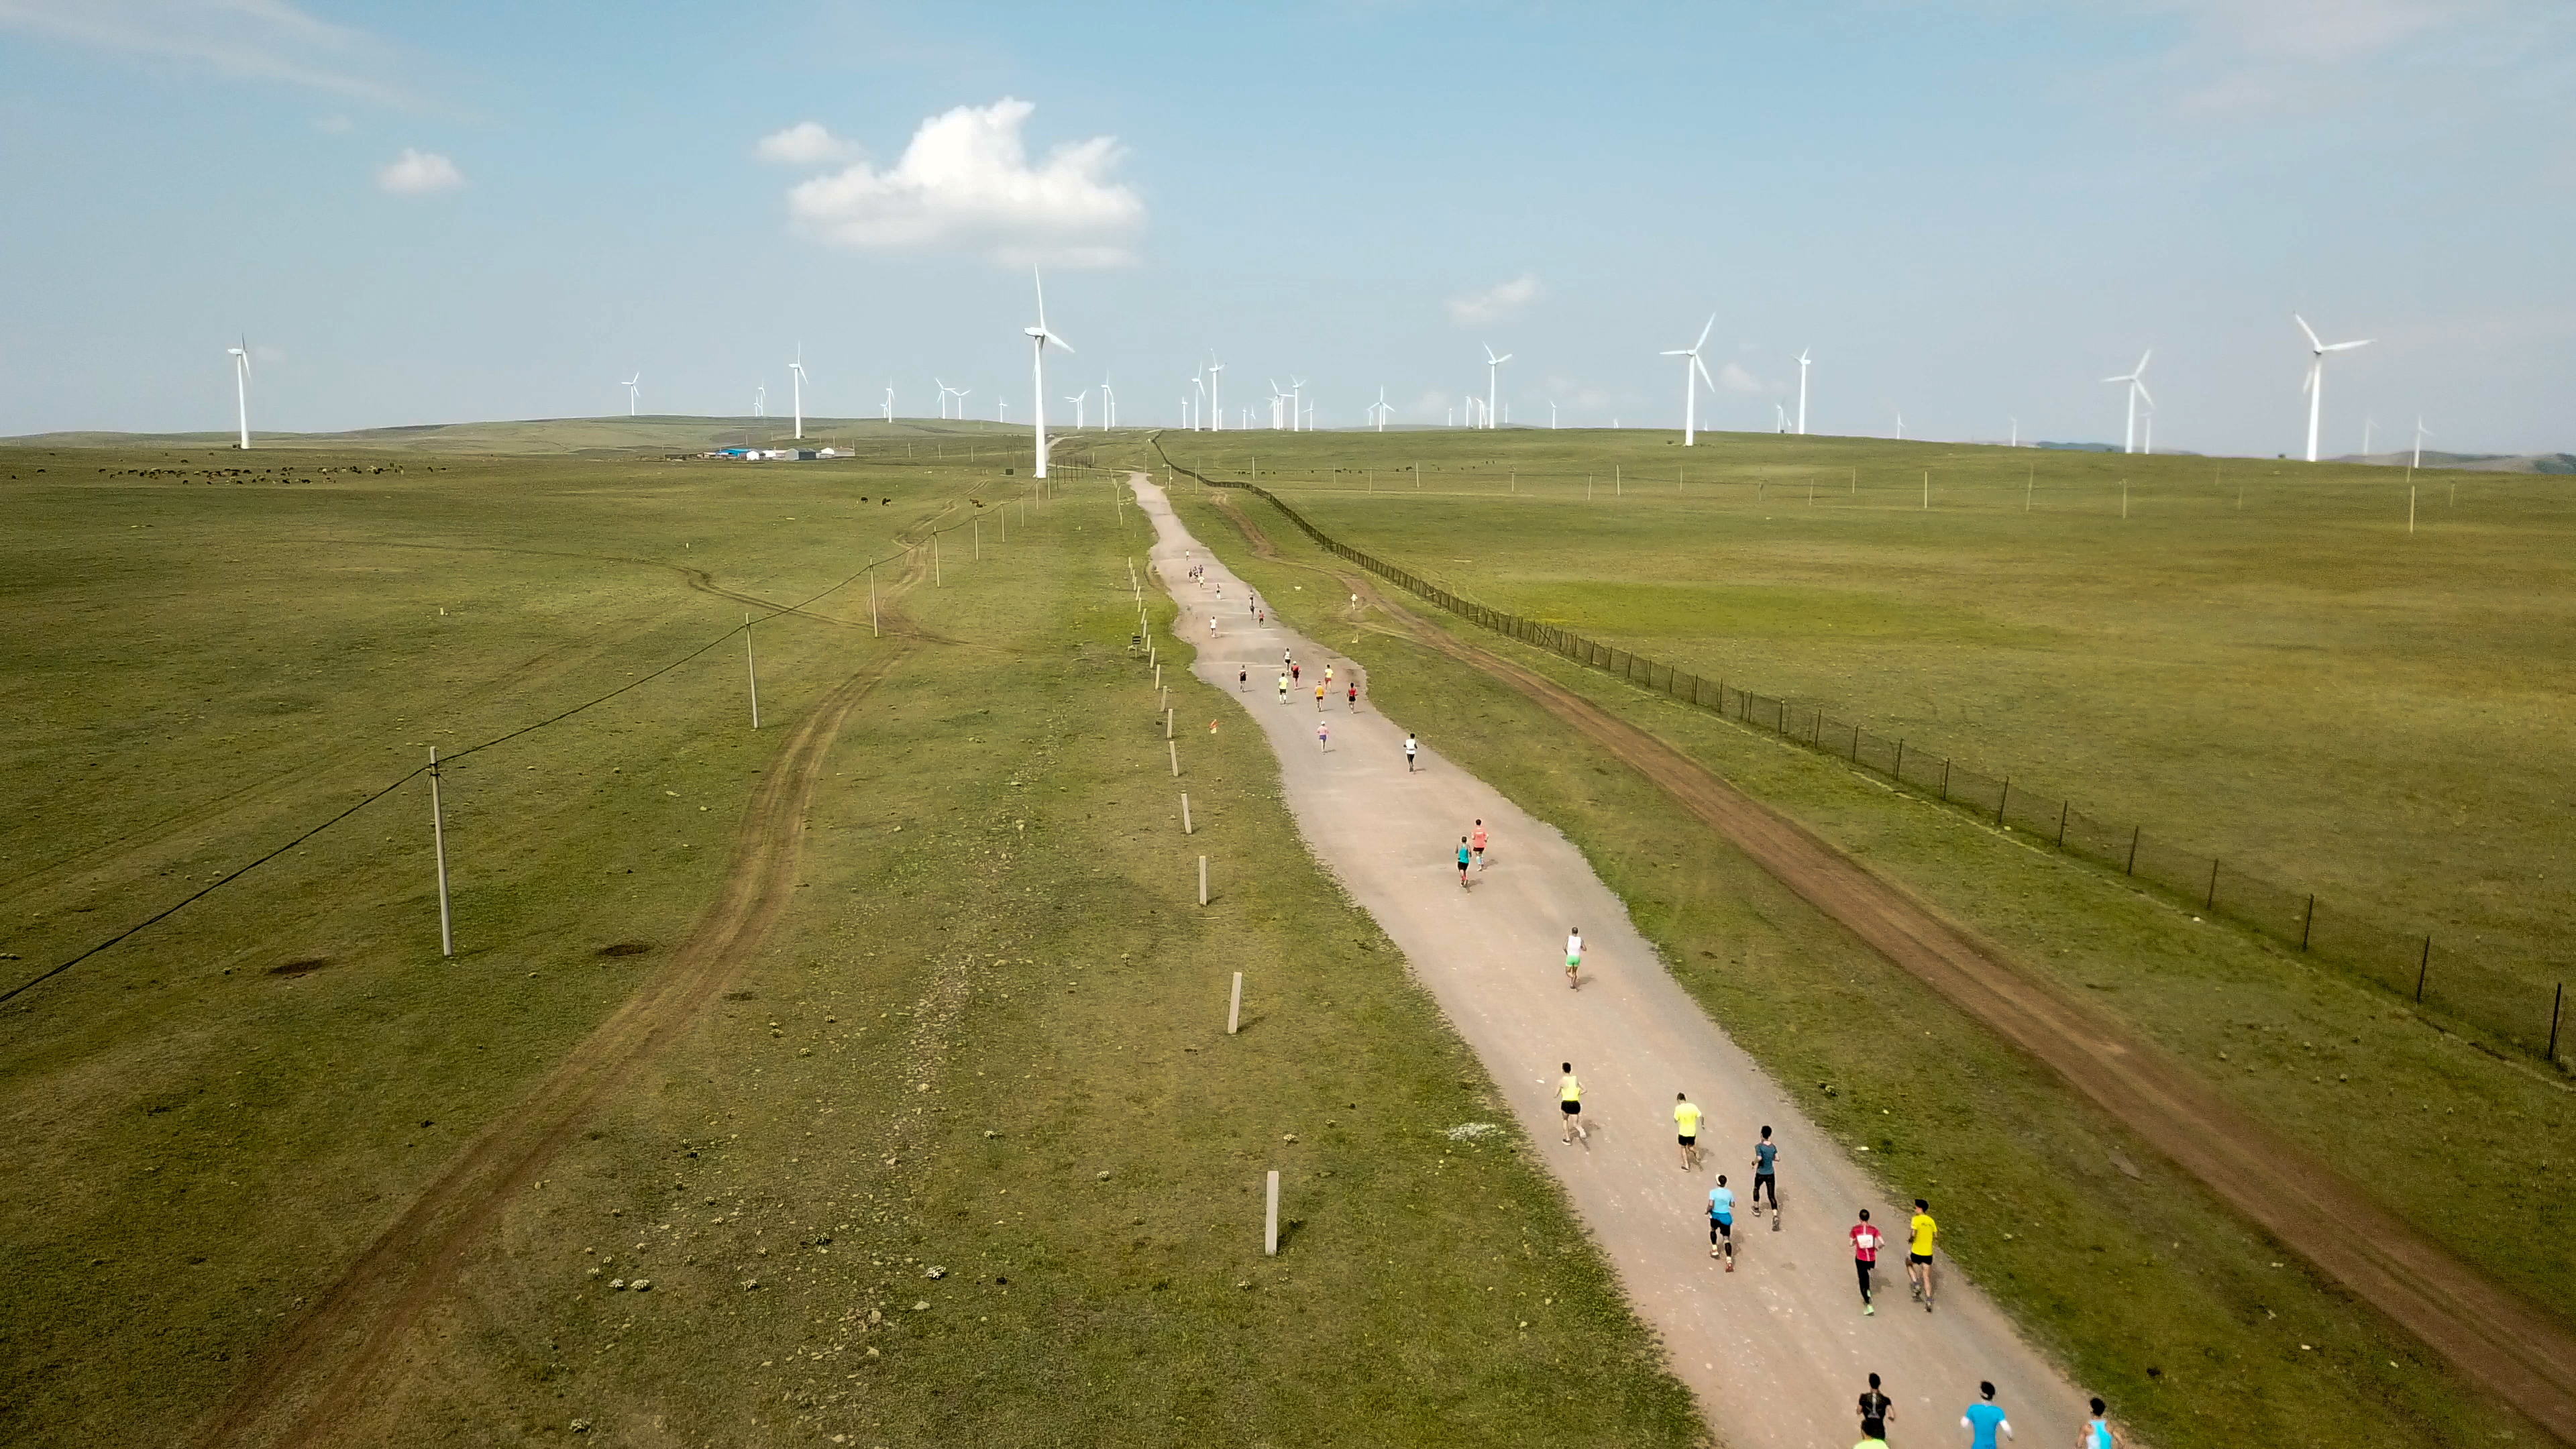 2018年度中国山地马拉松系列赛-辉腾锡勒草原站鸣笛开赛